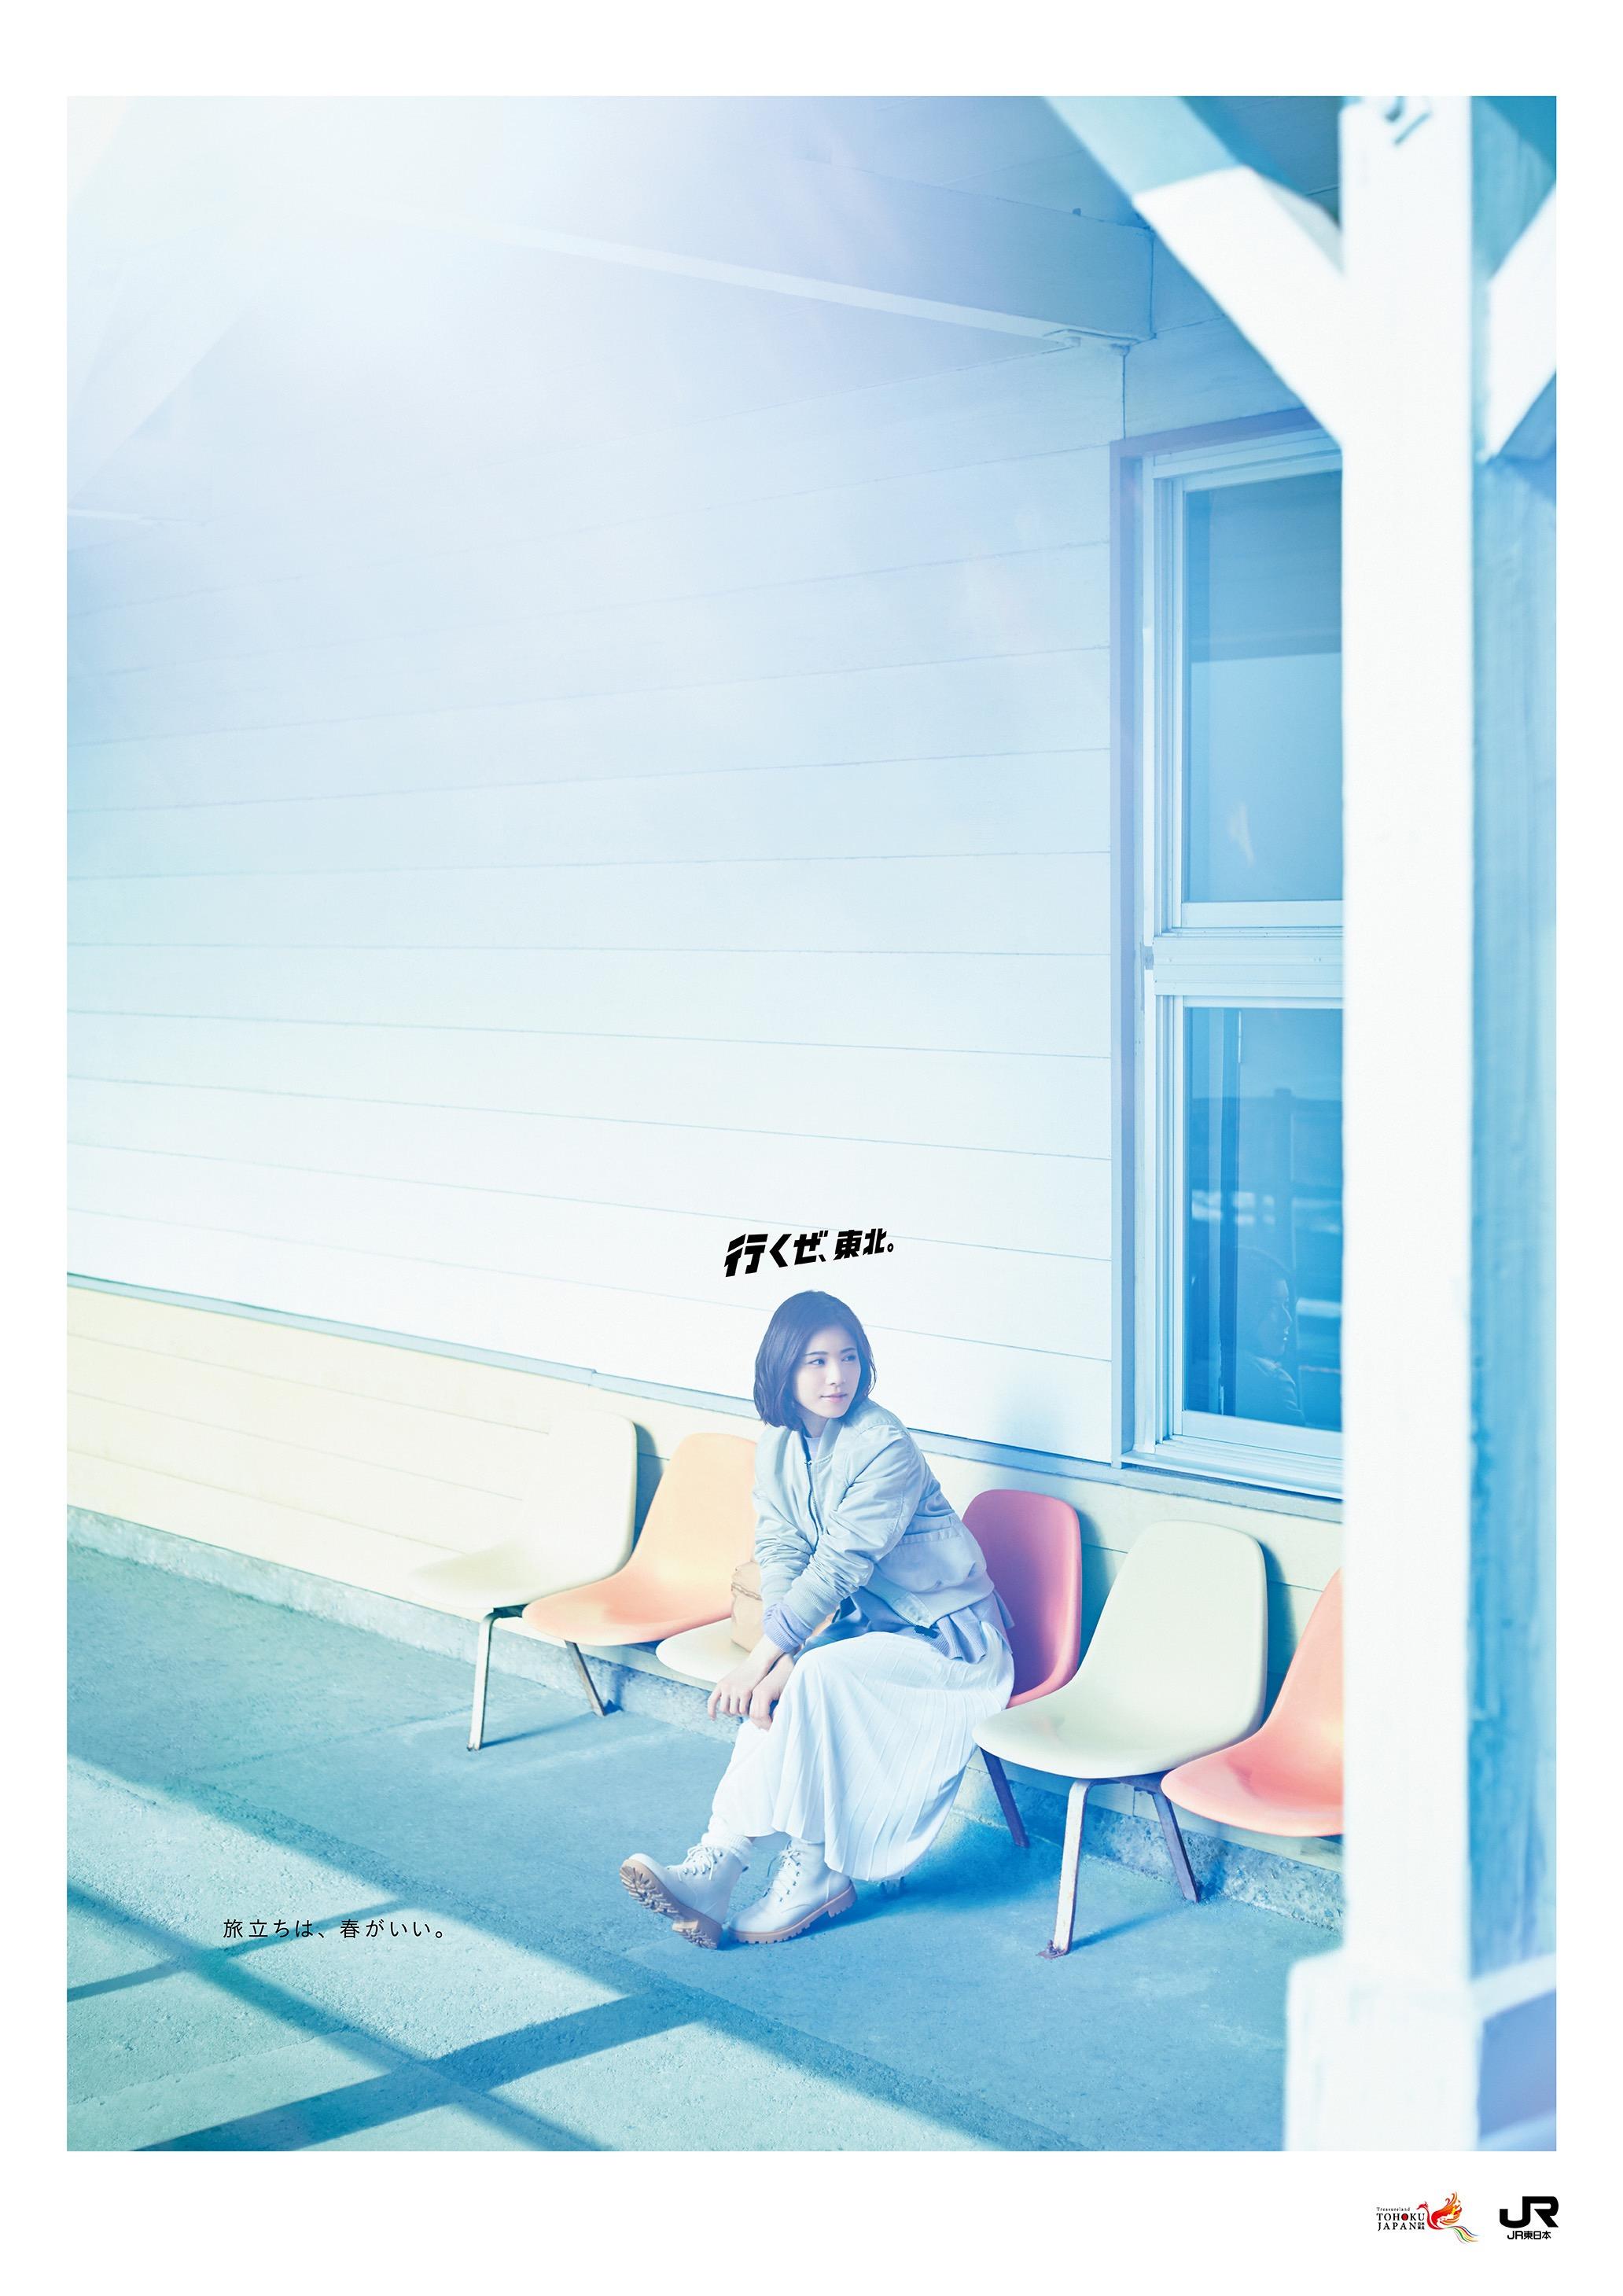 JR_ikuze_2016_spring_B1_talent_160309_fin_ol